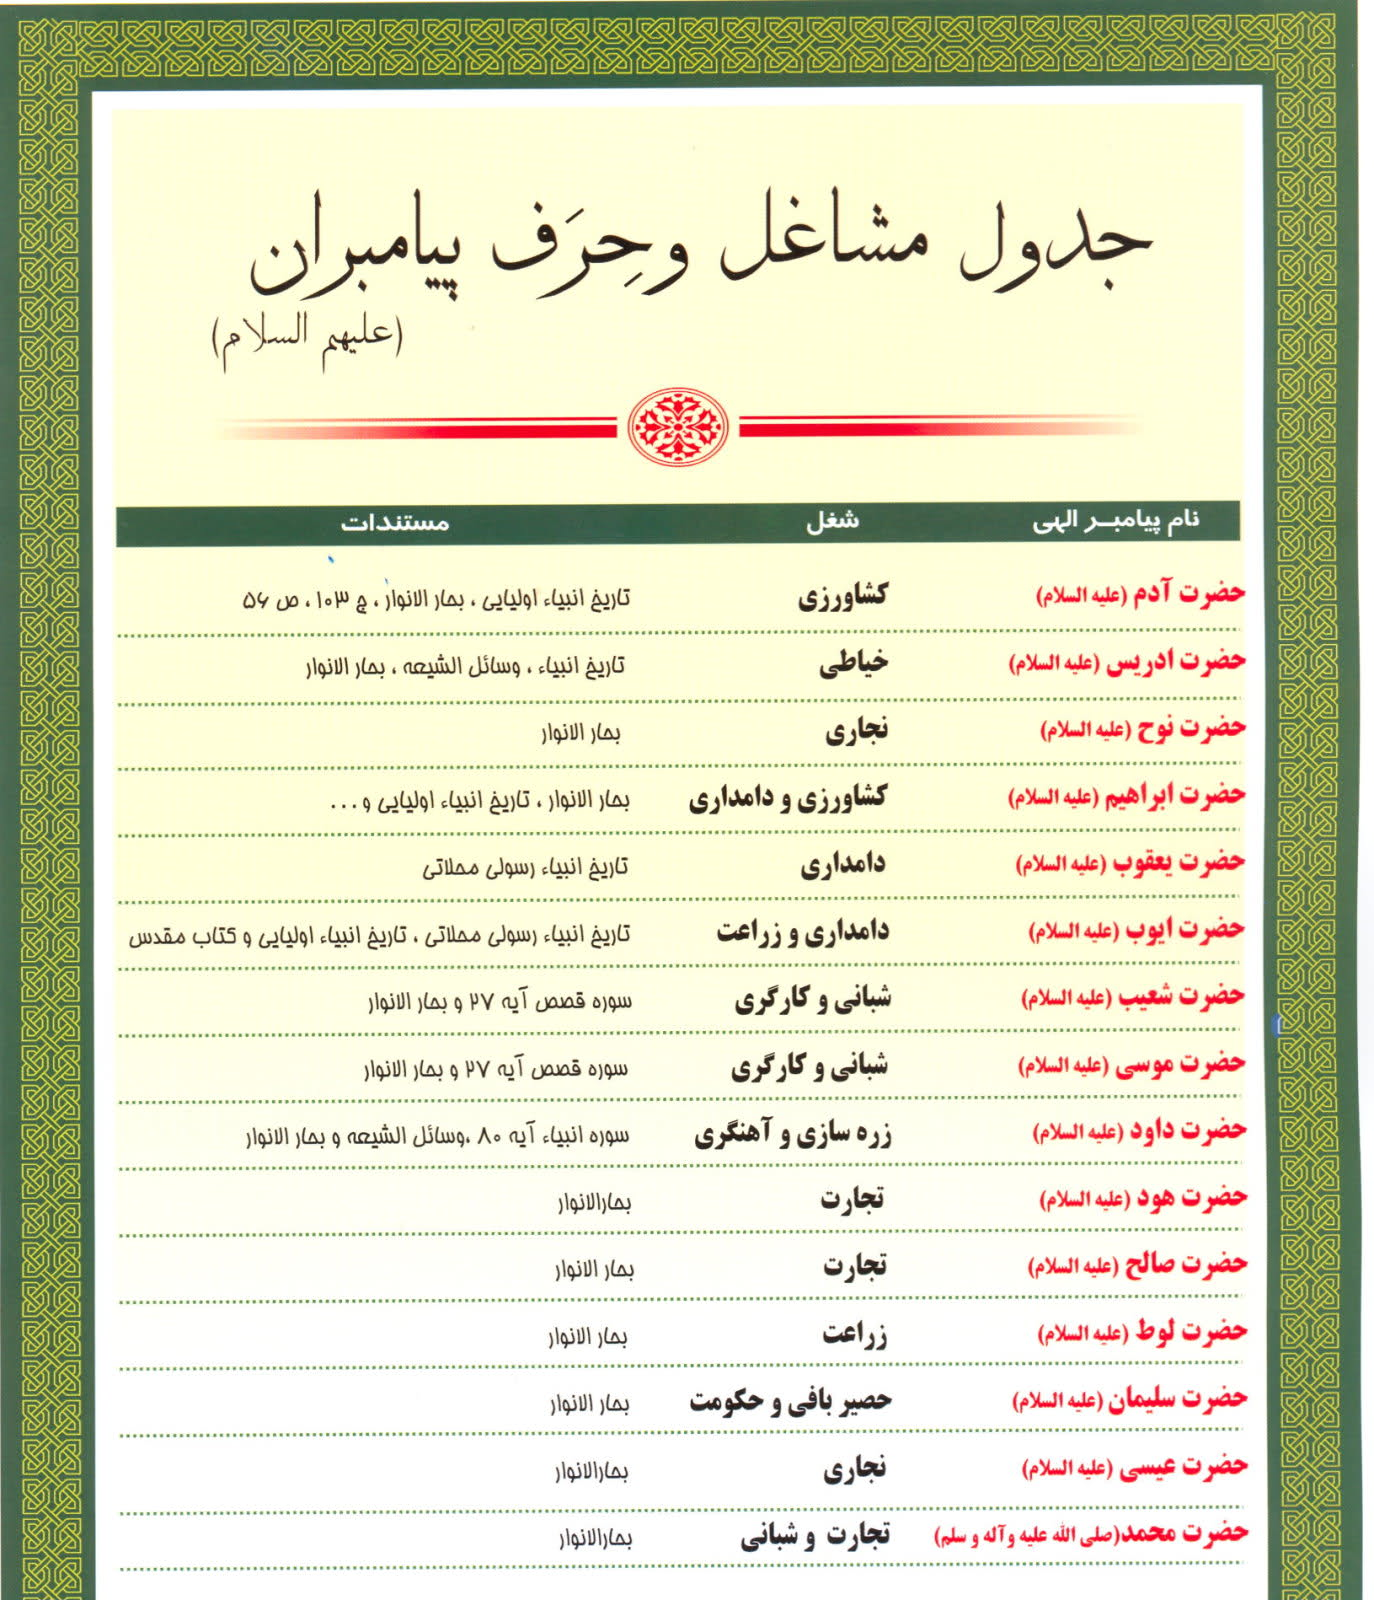 جدول مشاغل و حِرَف پیامبران (علیهم السلام)